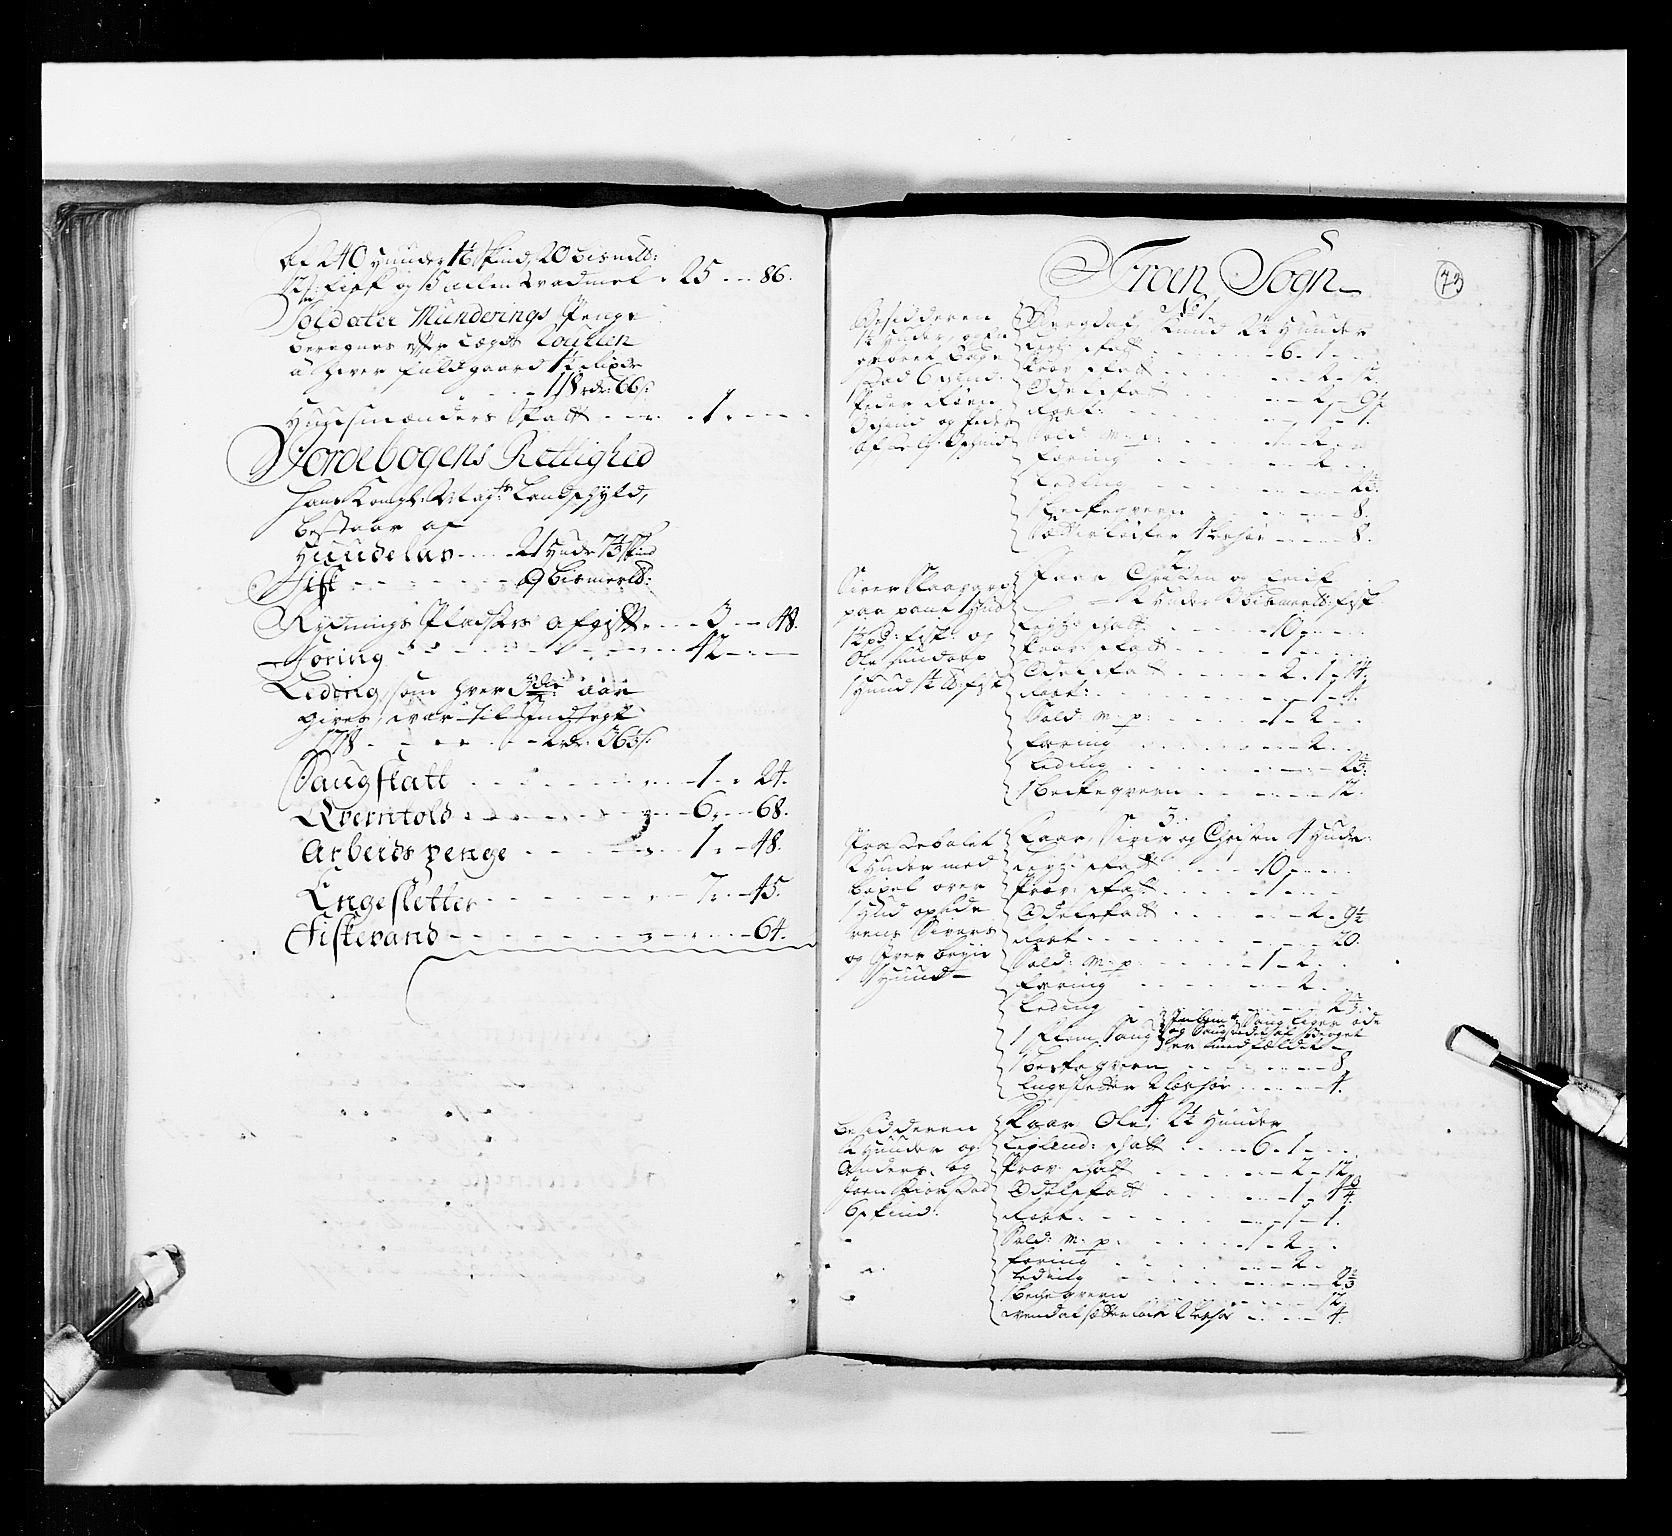 RA, Stattholderembetet 1572-1771, Ek/L0036: Jordebøker 1662-1720:, 1719, s. 72b-73a